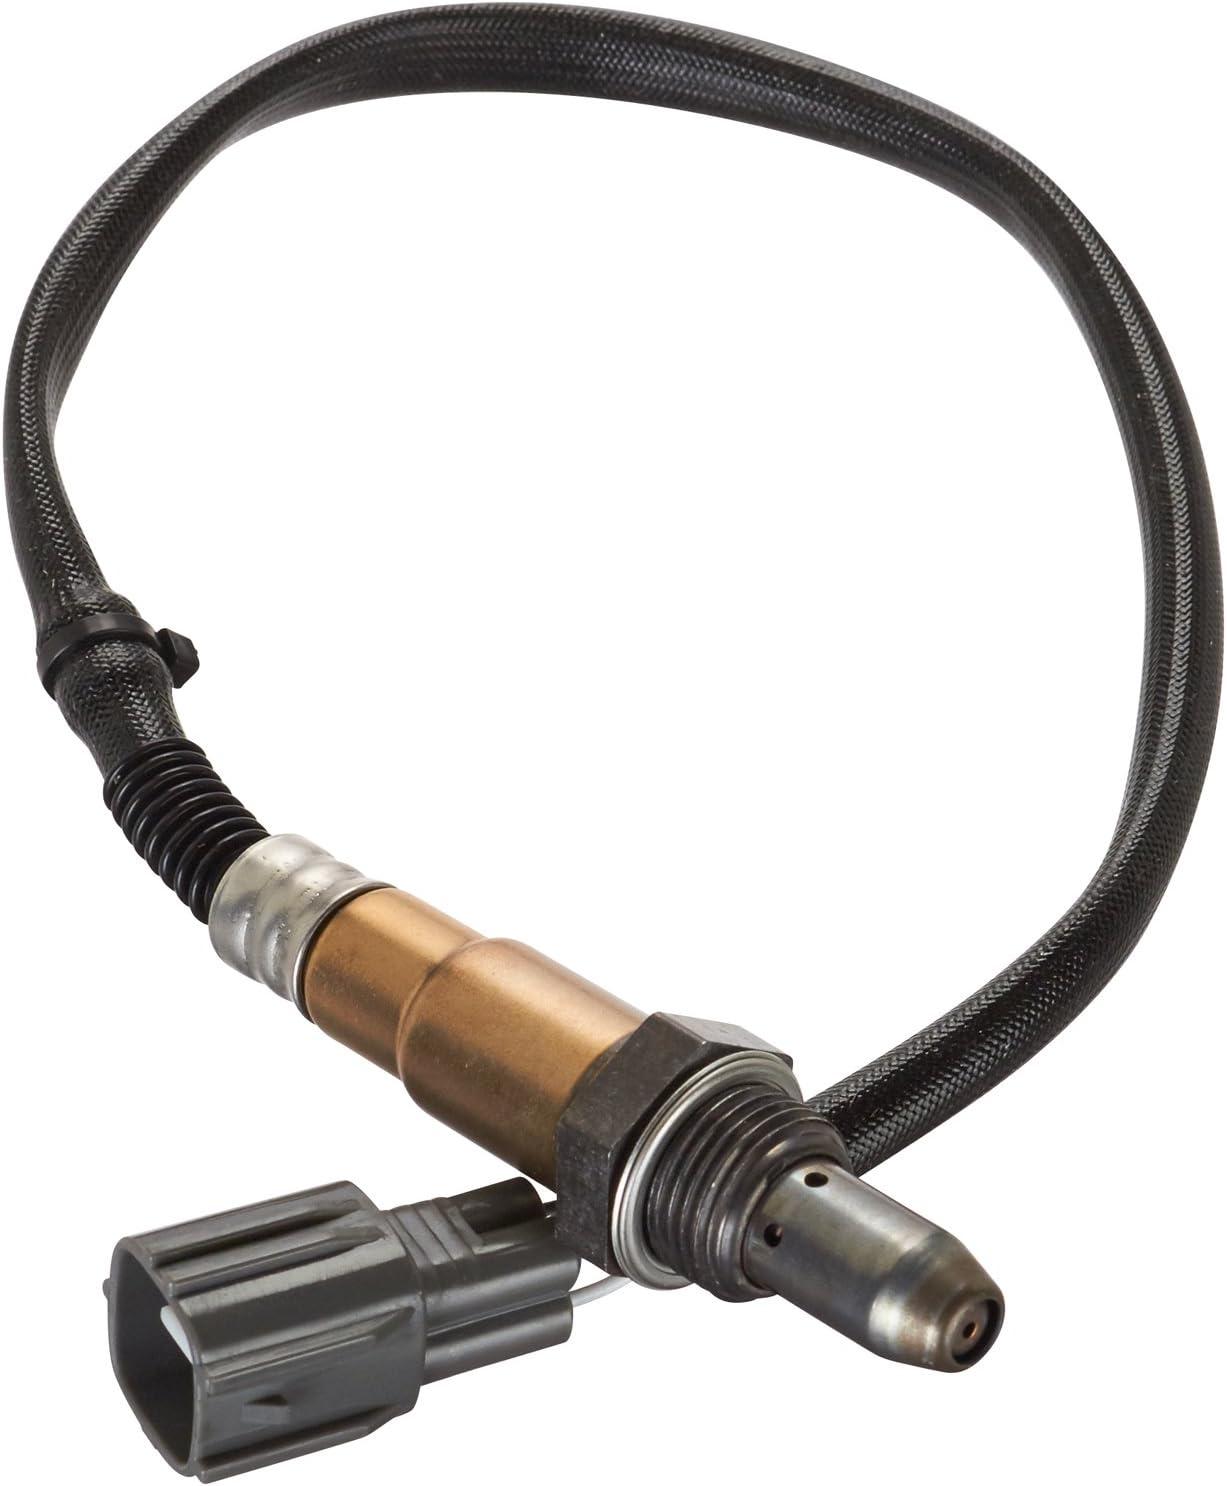 Oxygen Sensor Spectra OS5579